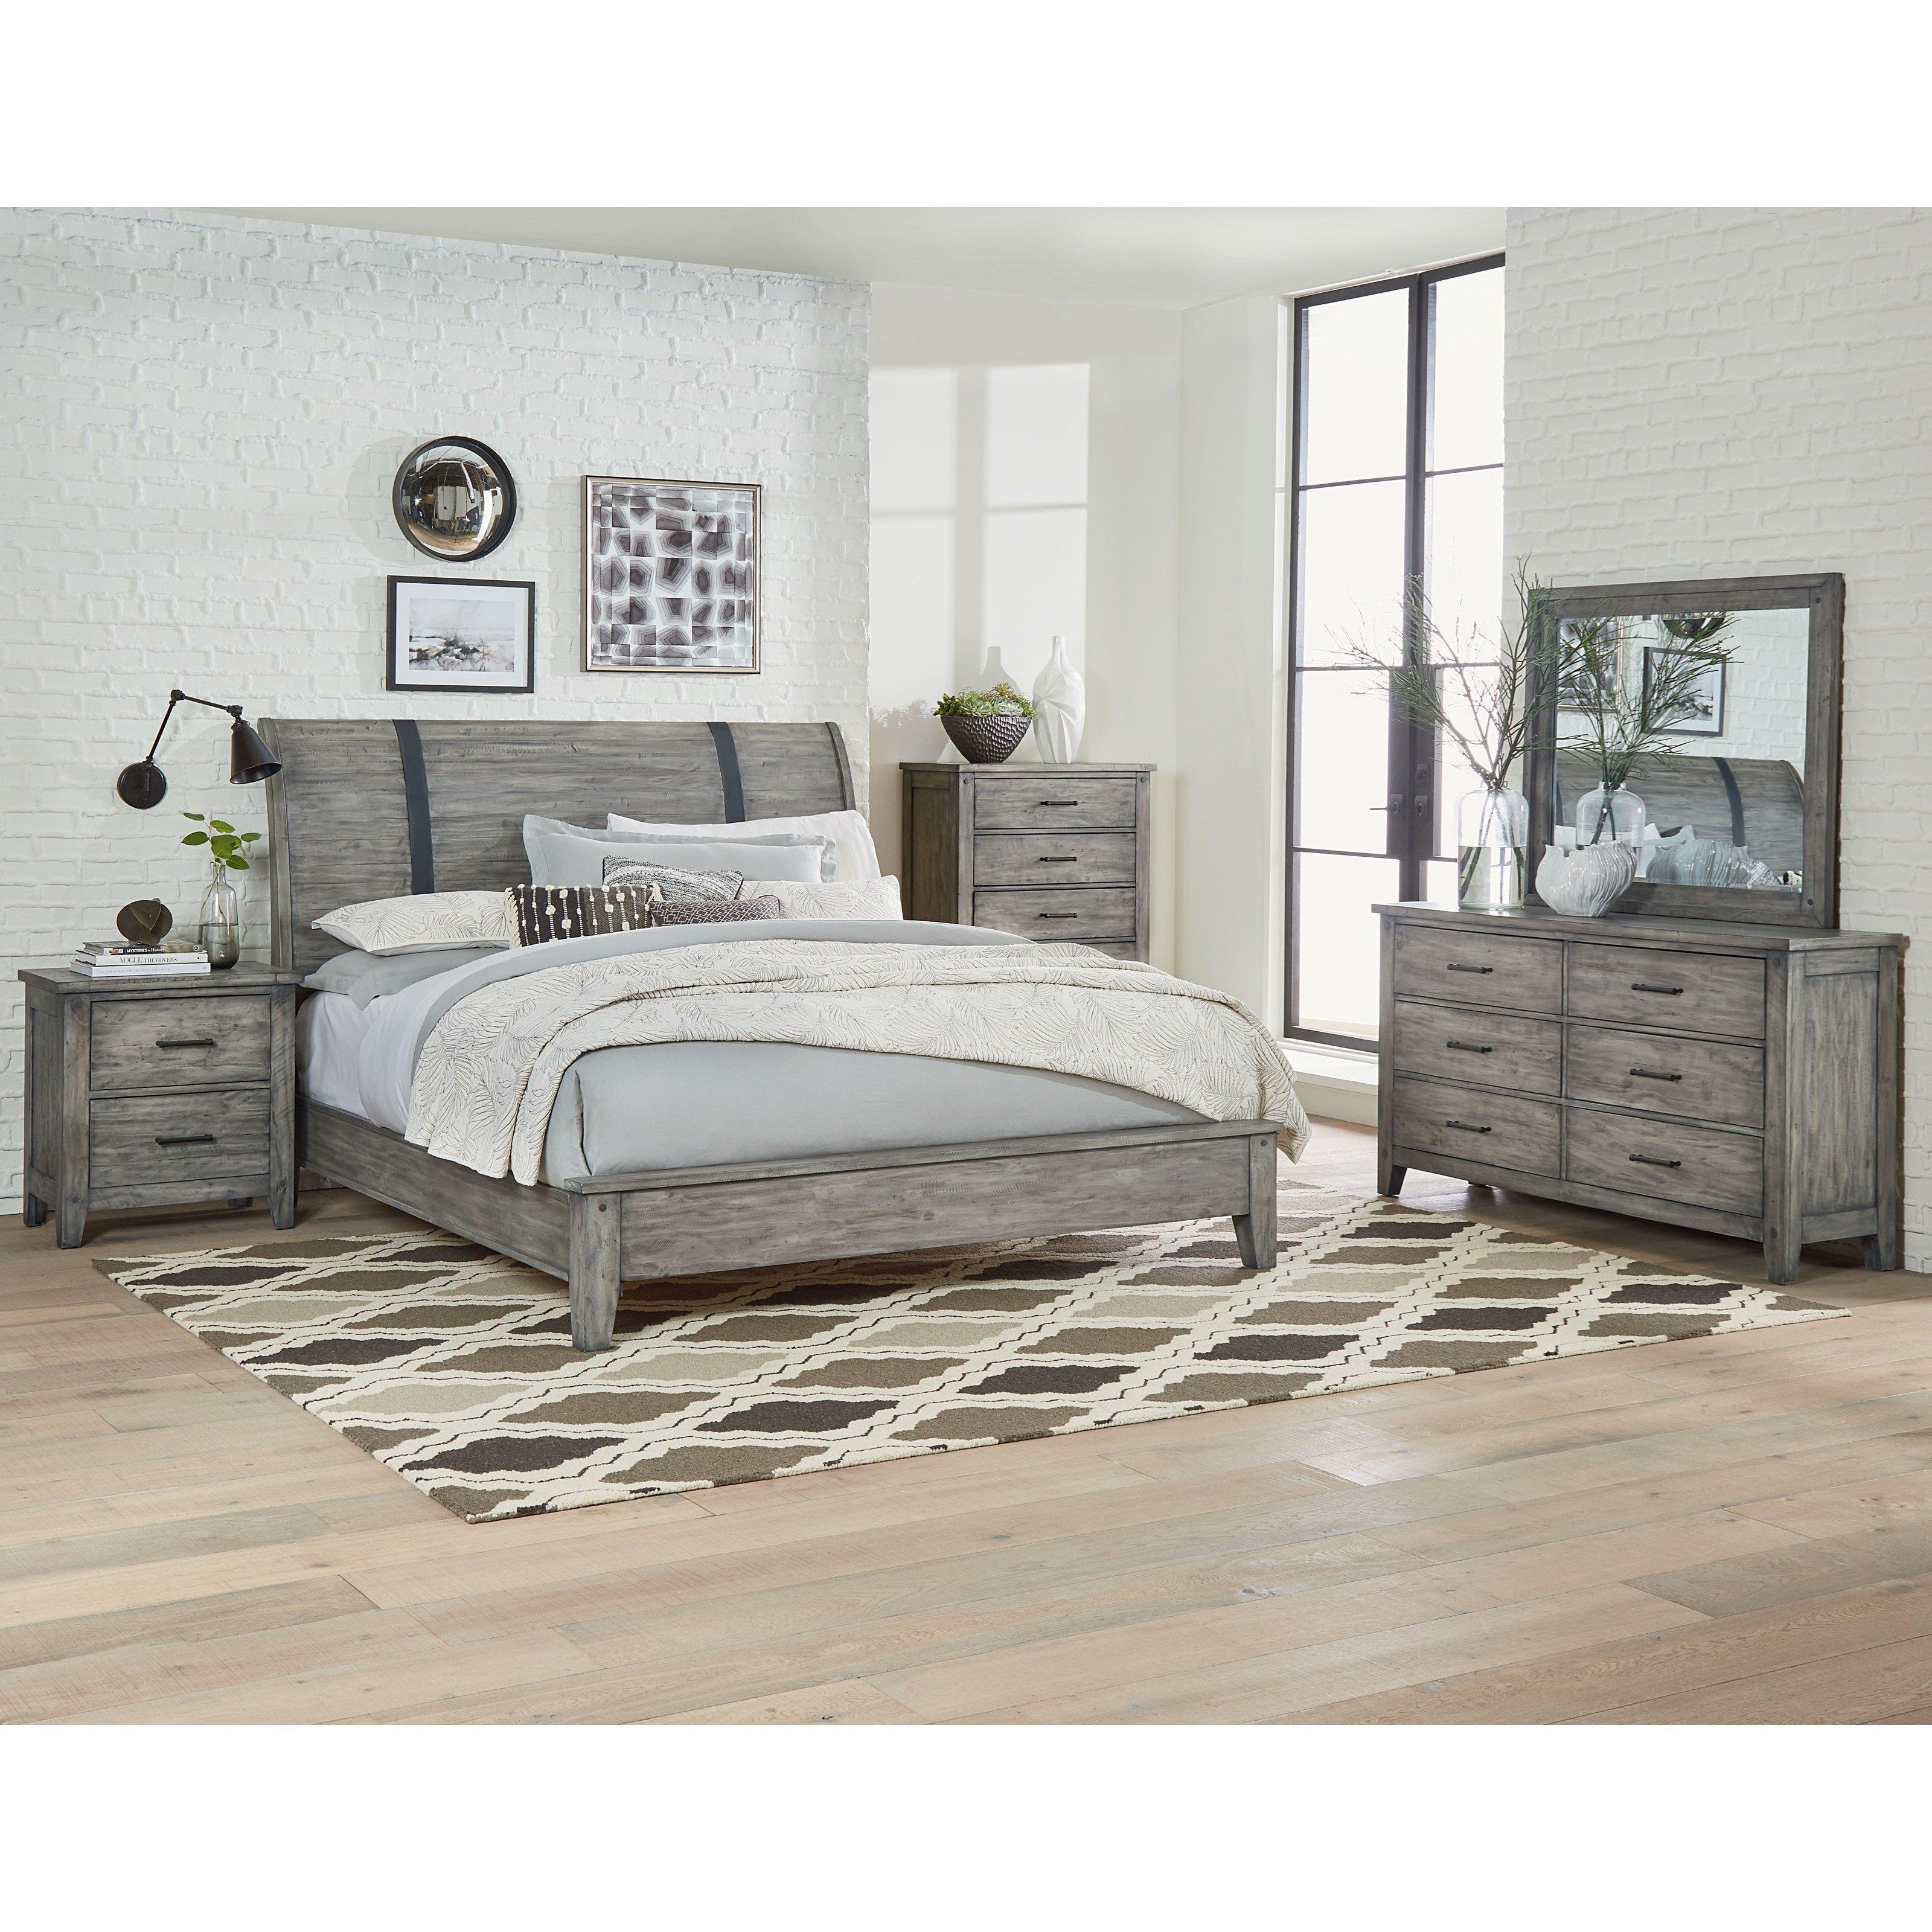 Rustic Queen Bedroom Set Elegant Standard Furniture Nelson Queen Bedroom Group